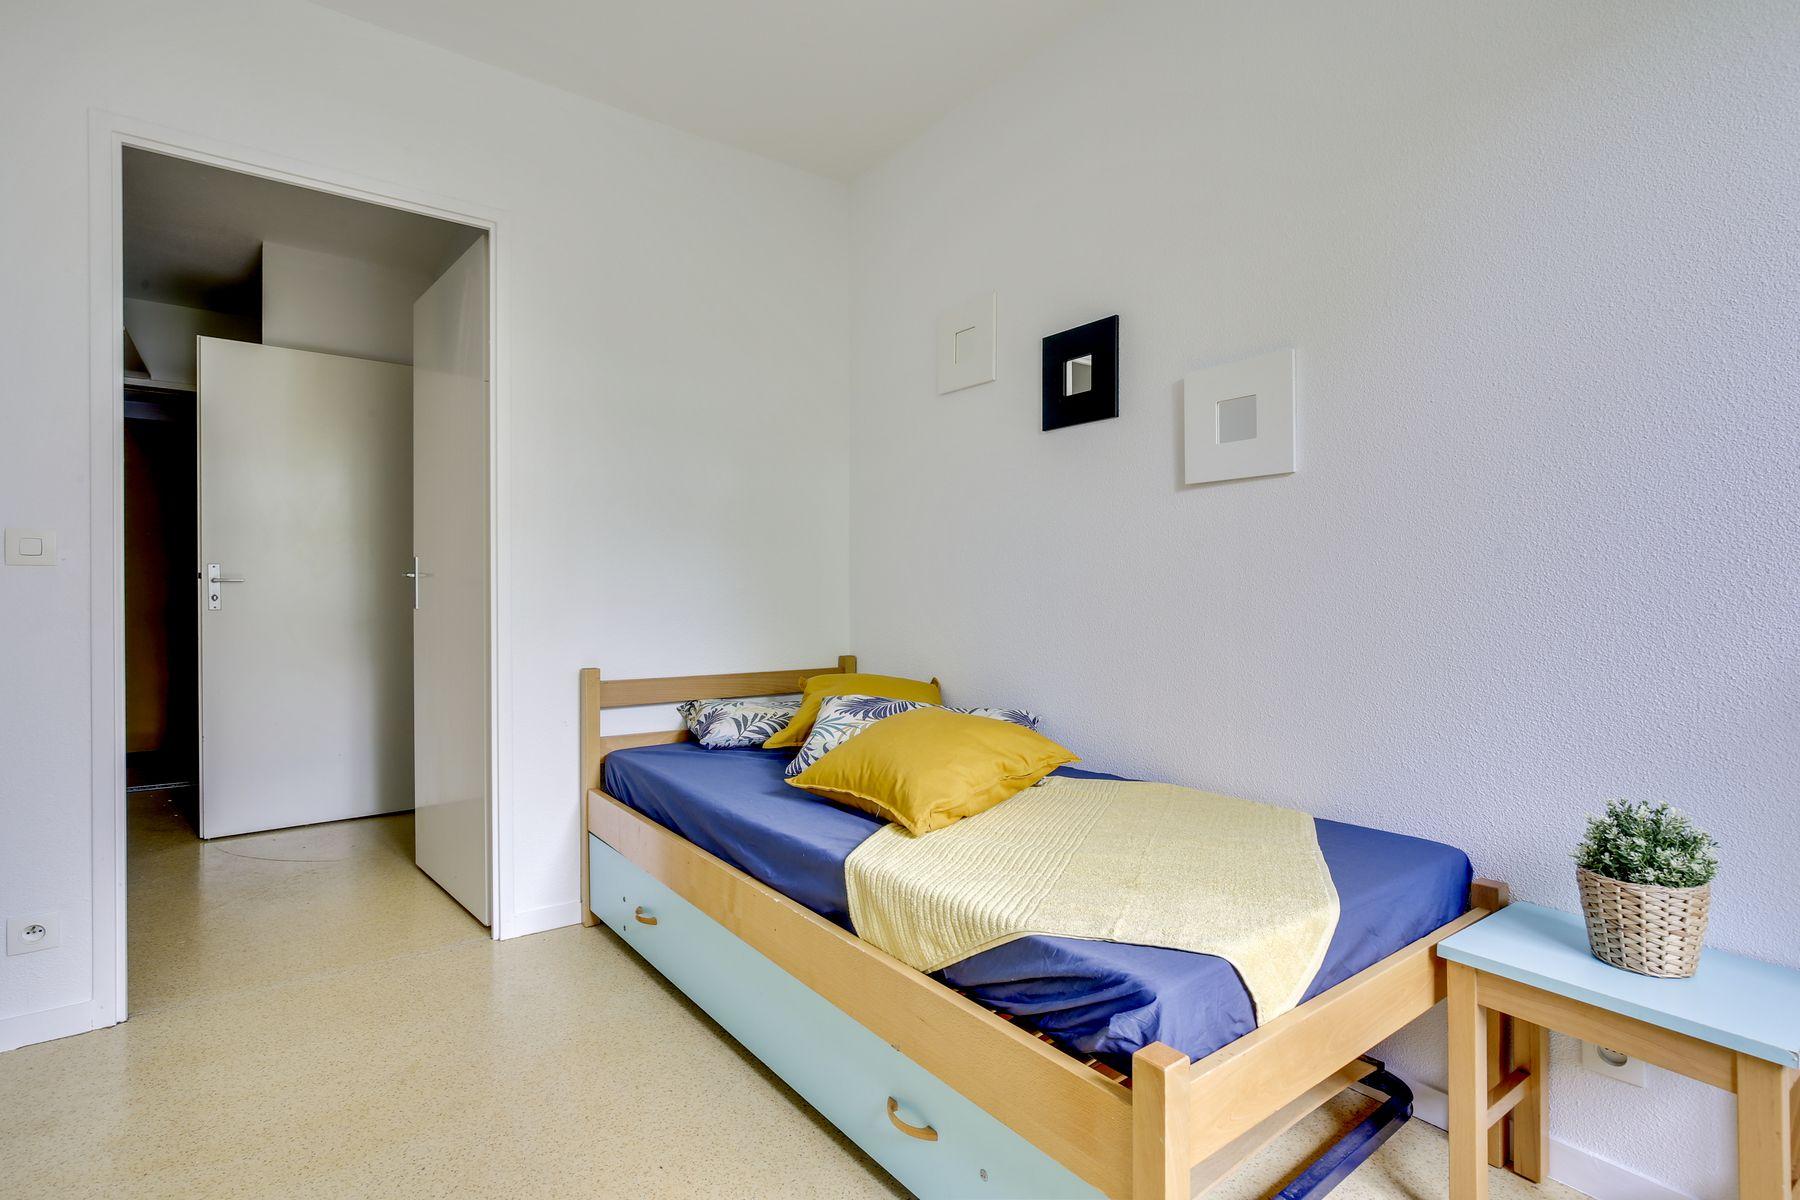 LOGIFAC résidence étudiante Pyramide Lieusaint lit et rangements